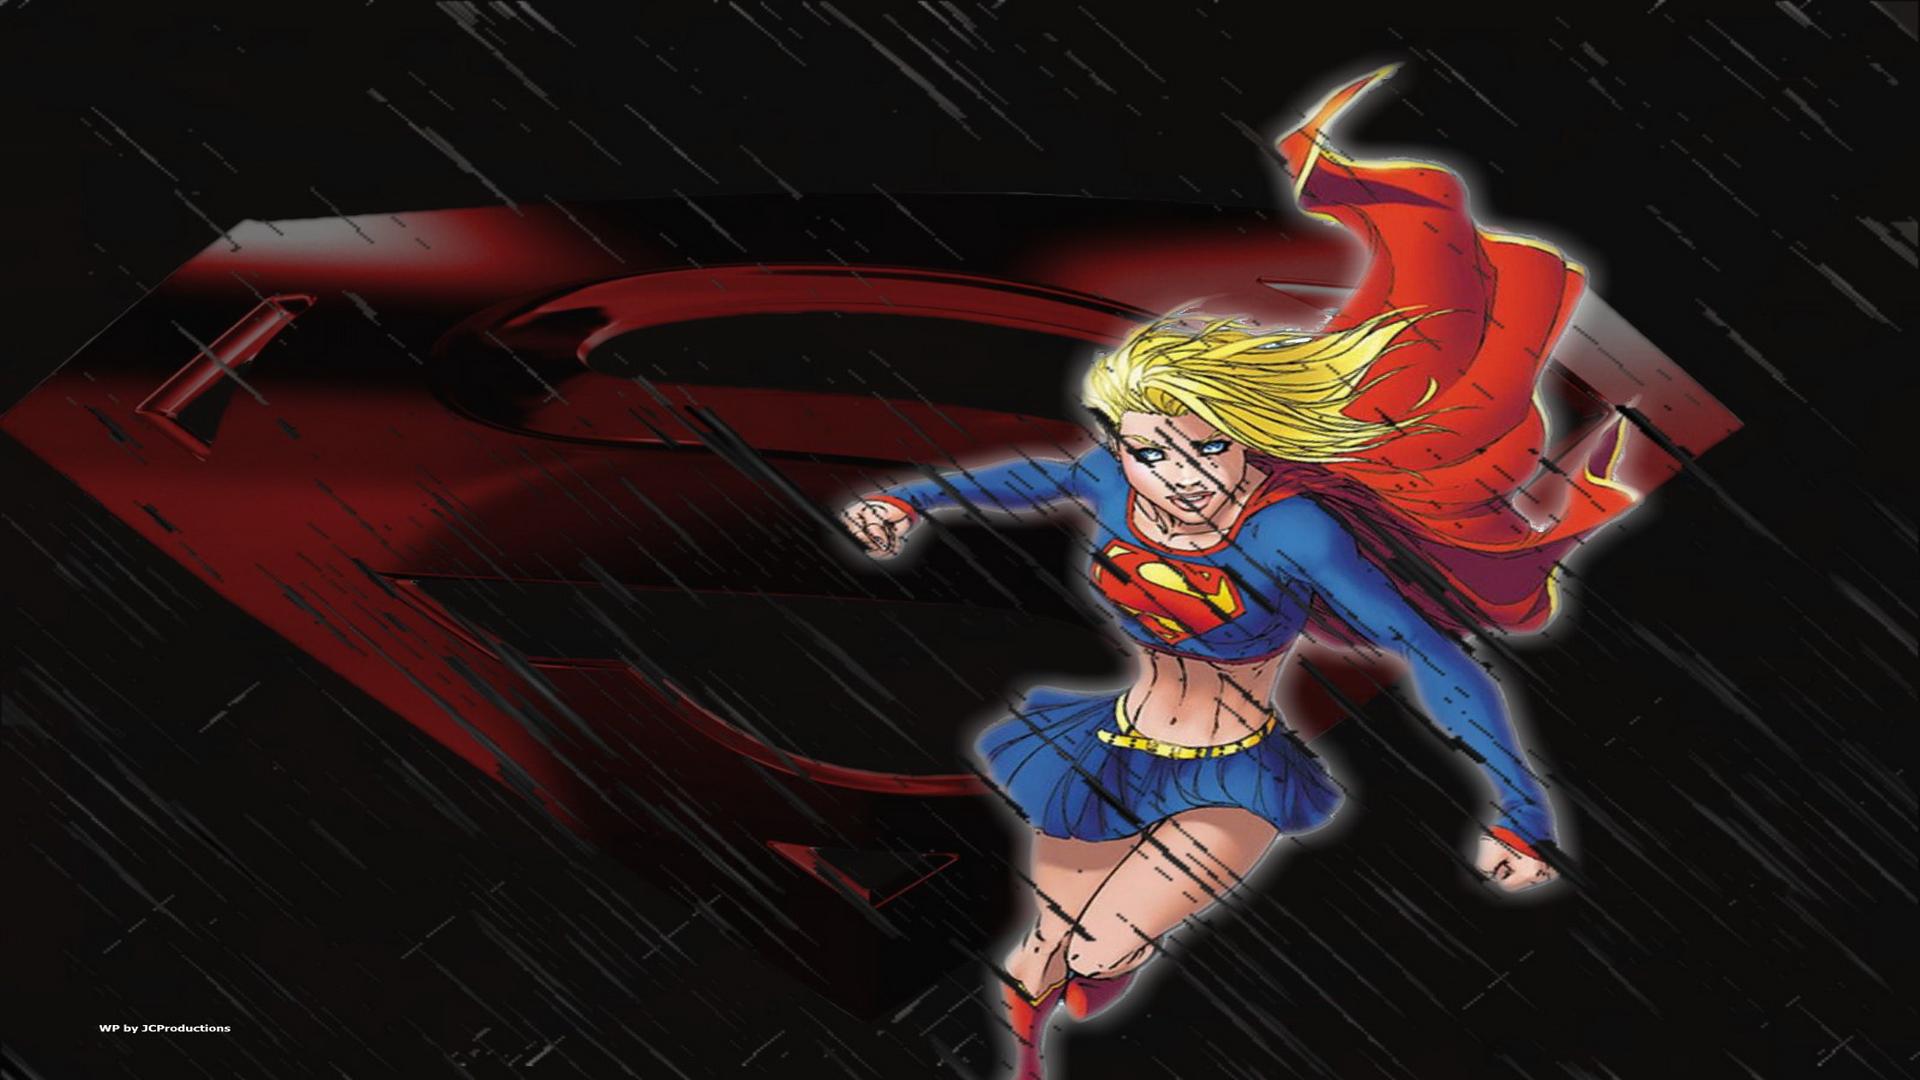 dark supergirl wallpaper - photo #3